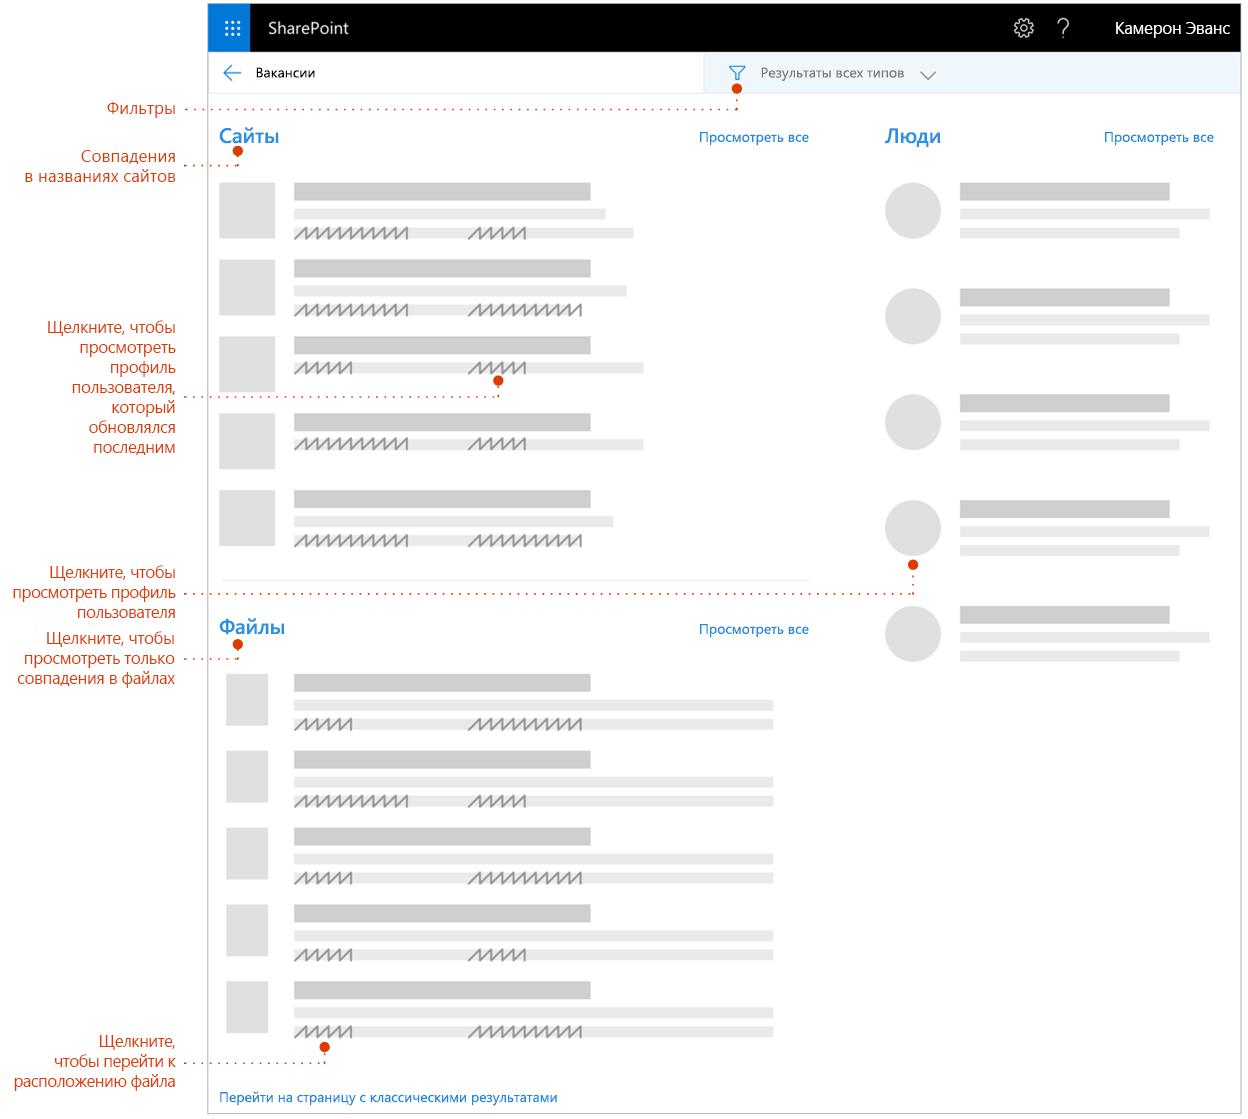 Снимок экрана со страницей результатов поиска с указателями на элементы для исследования.